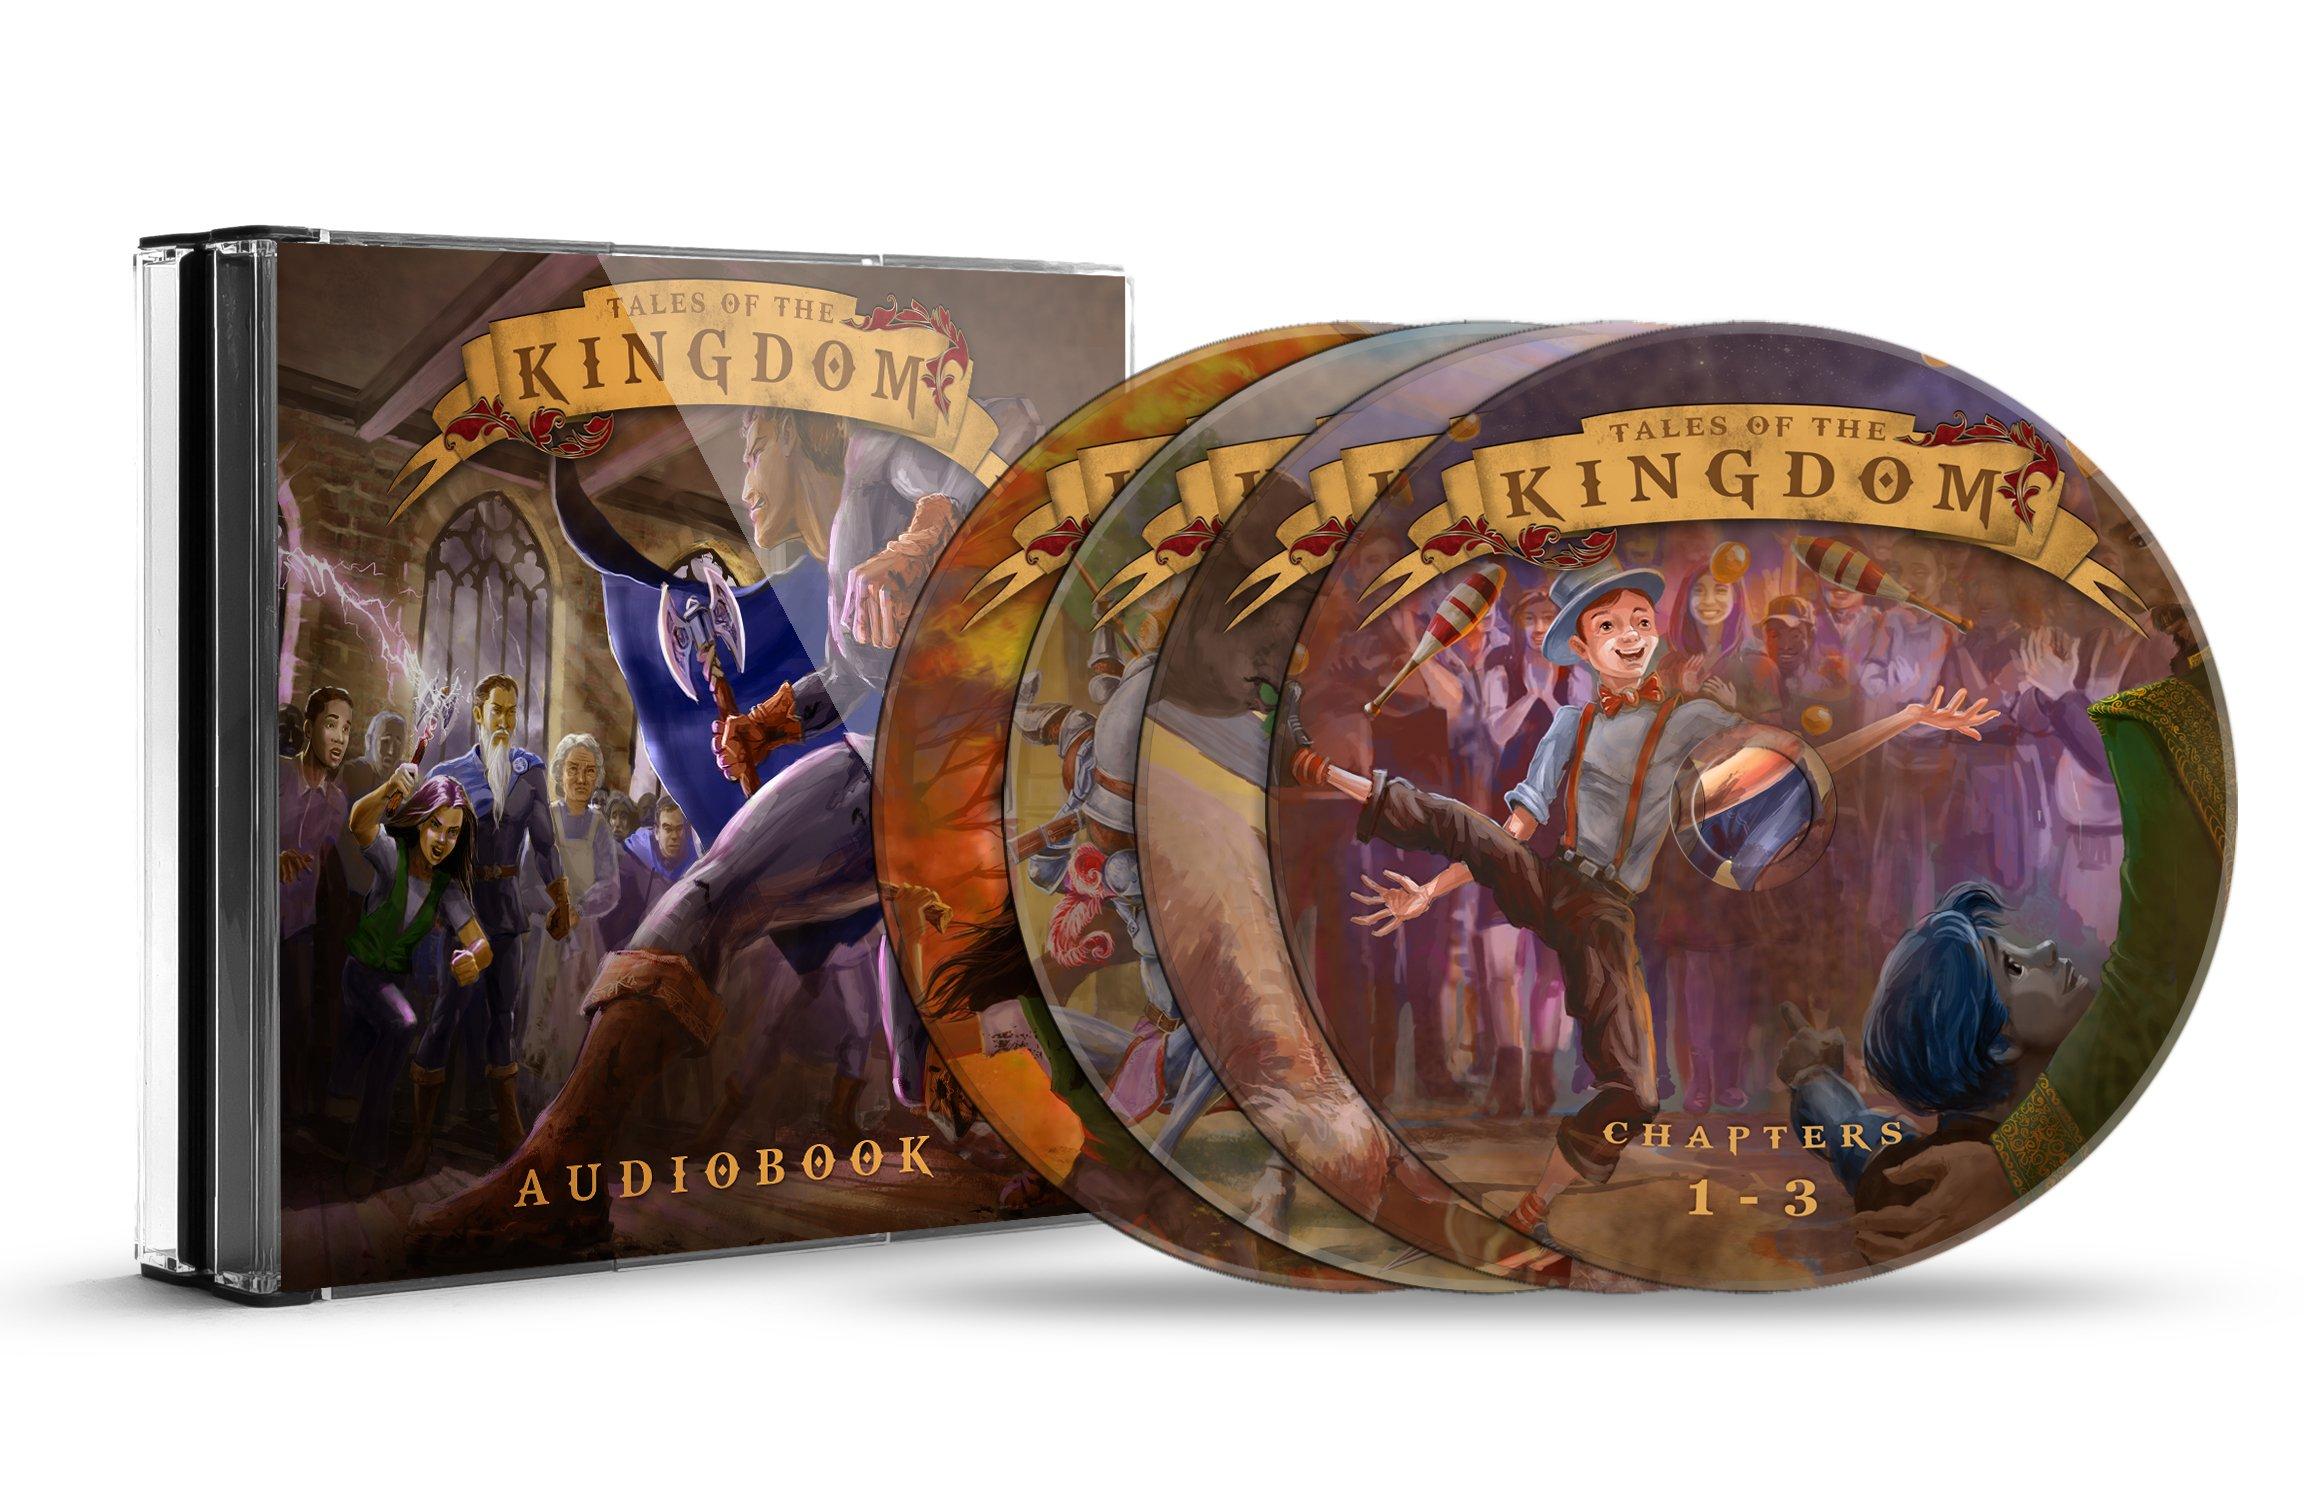 Tales of the Kingdom